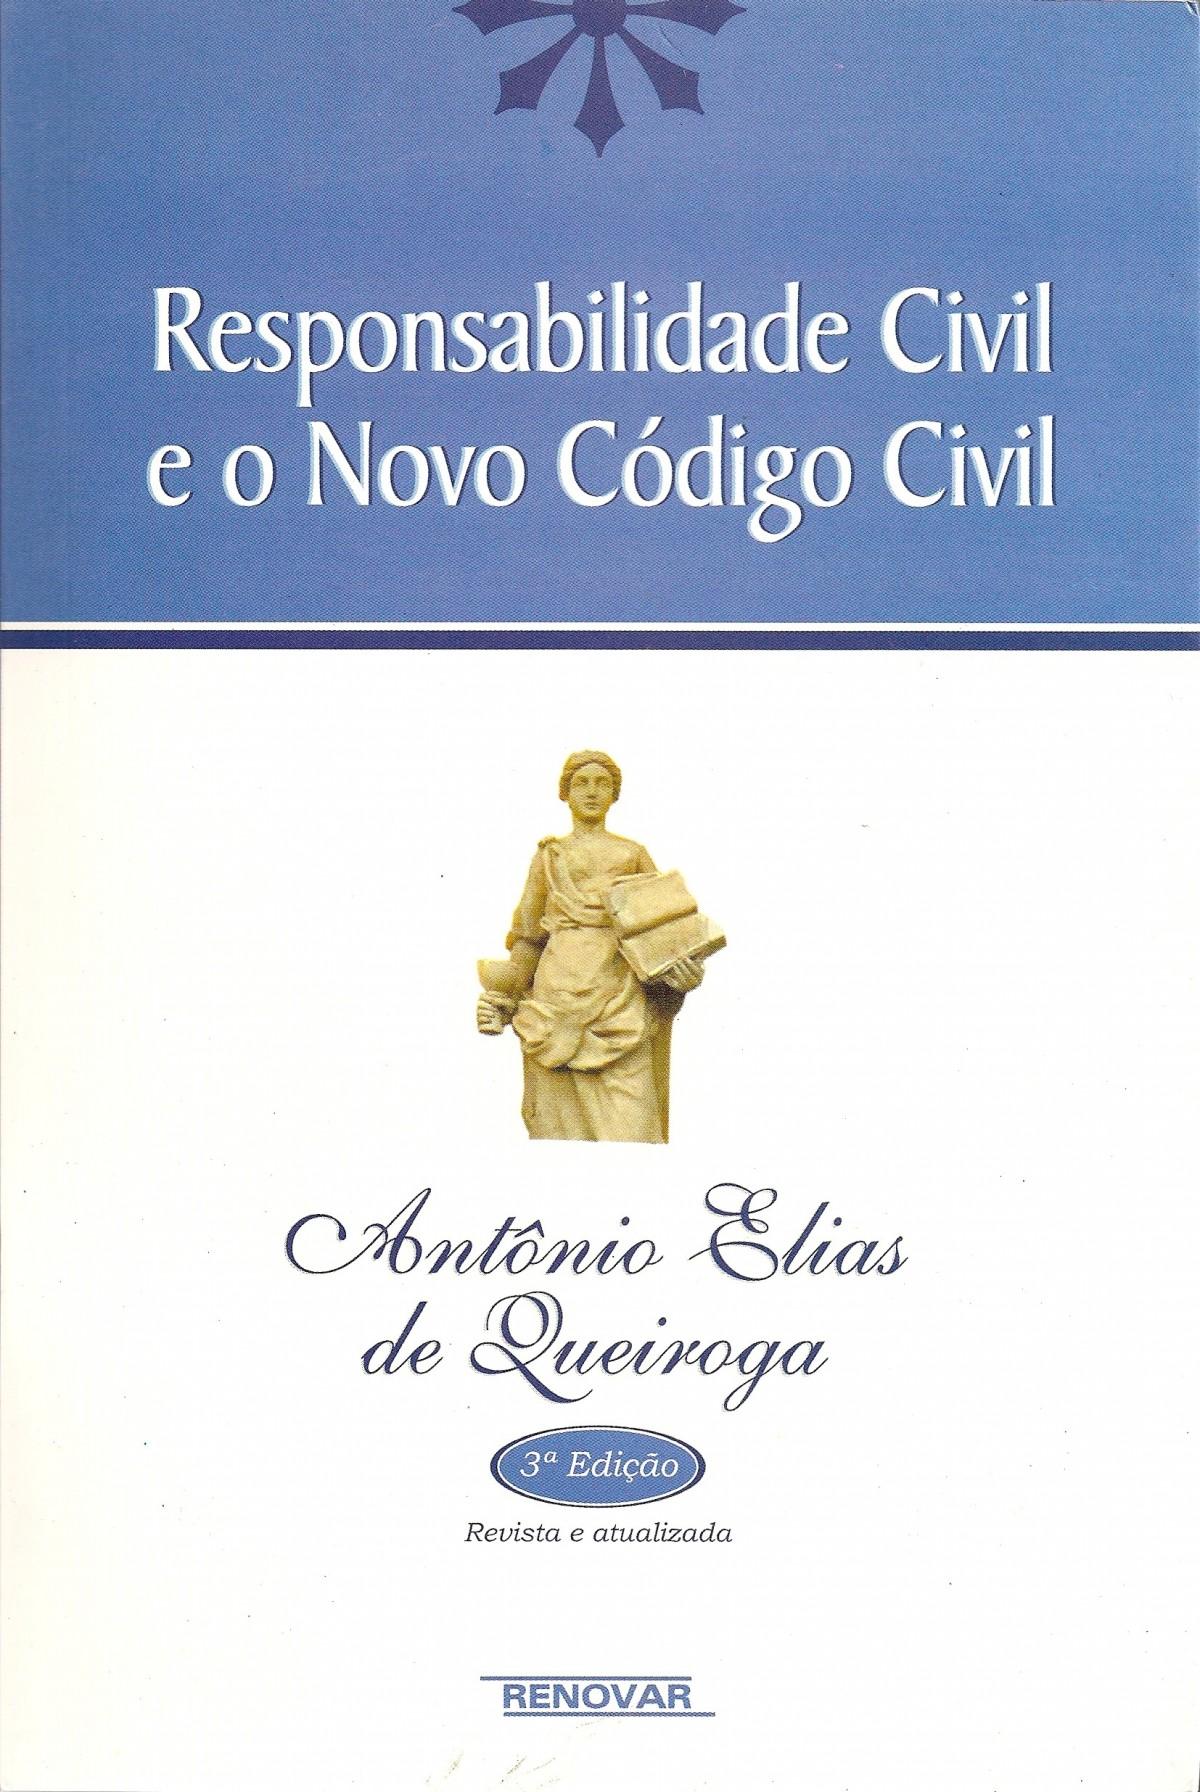 Foto 1 - Responsabilidade Civil e o Novo Código Civil